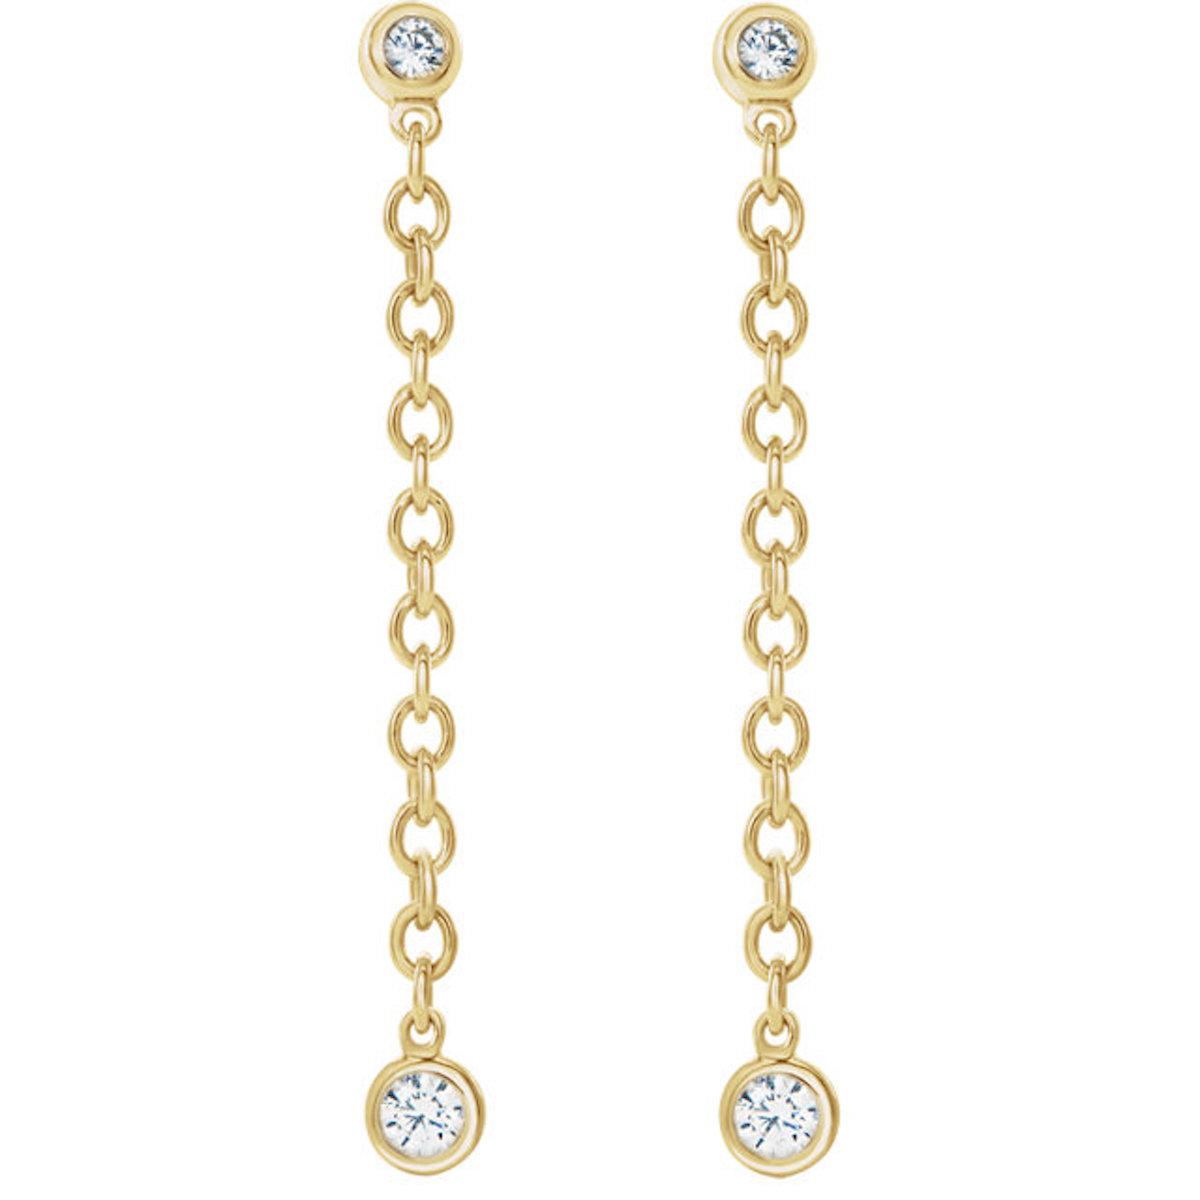 Bezel Set Chain Earrings